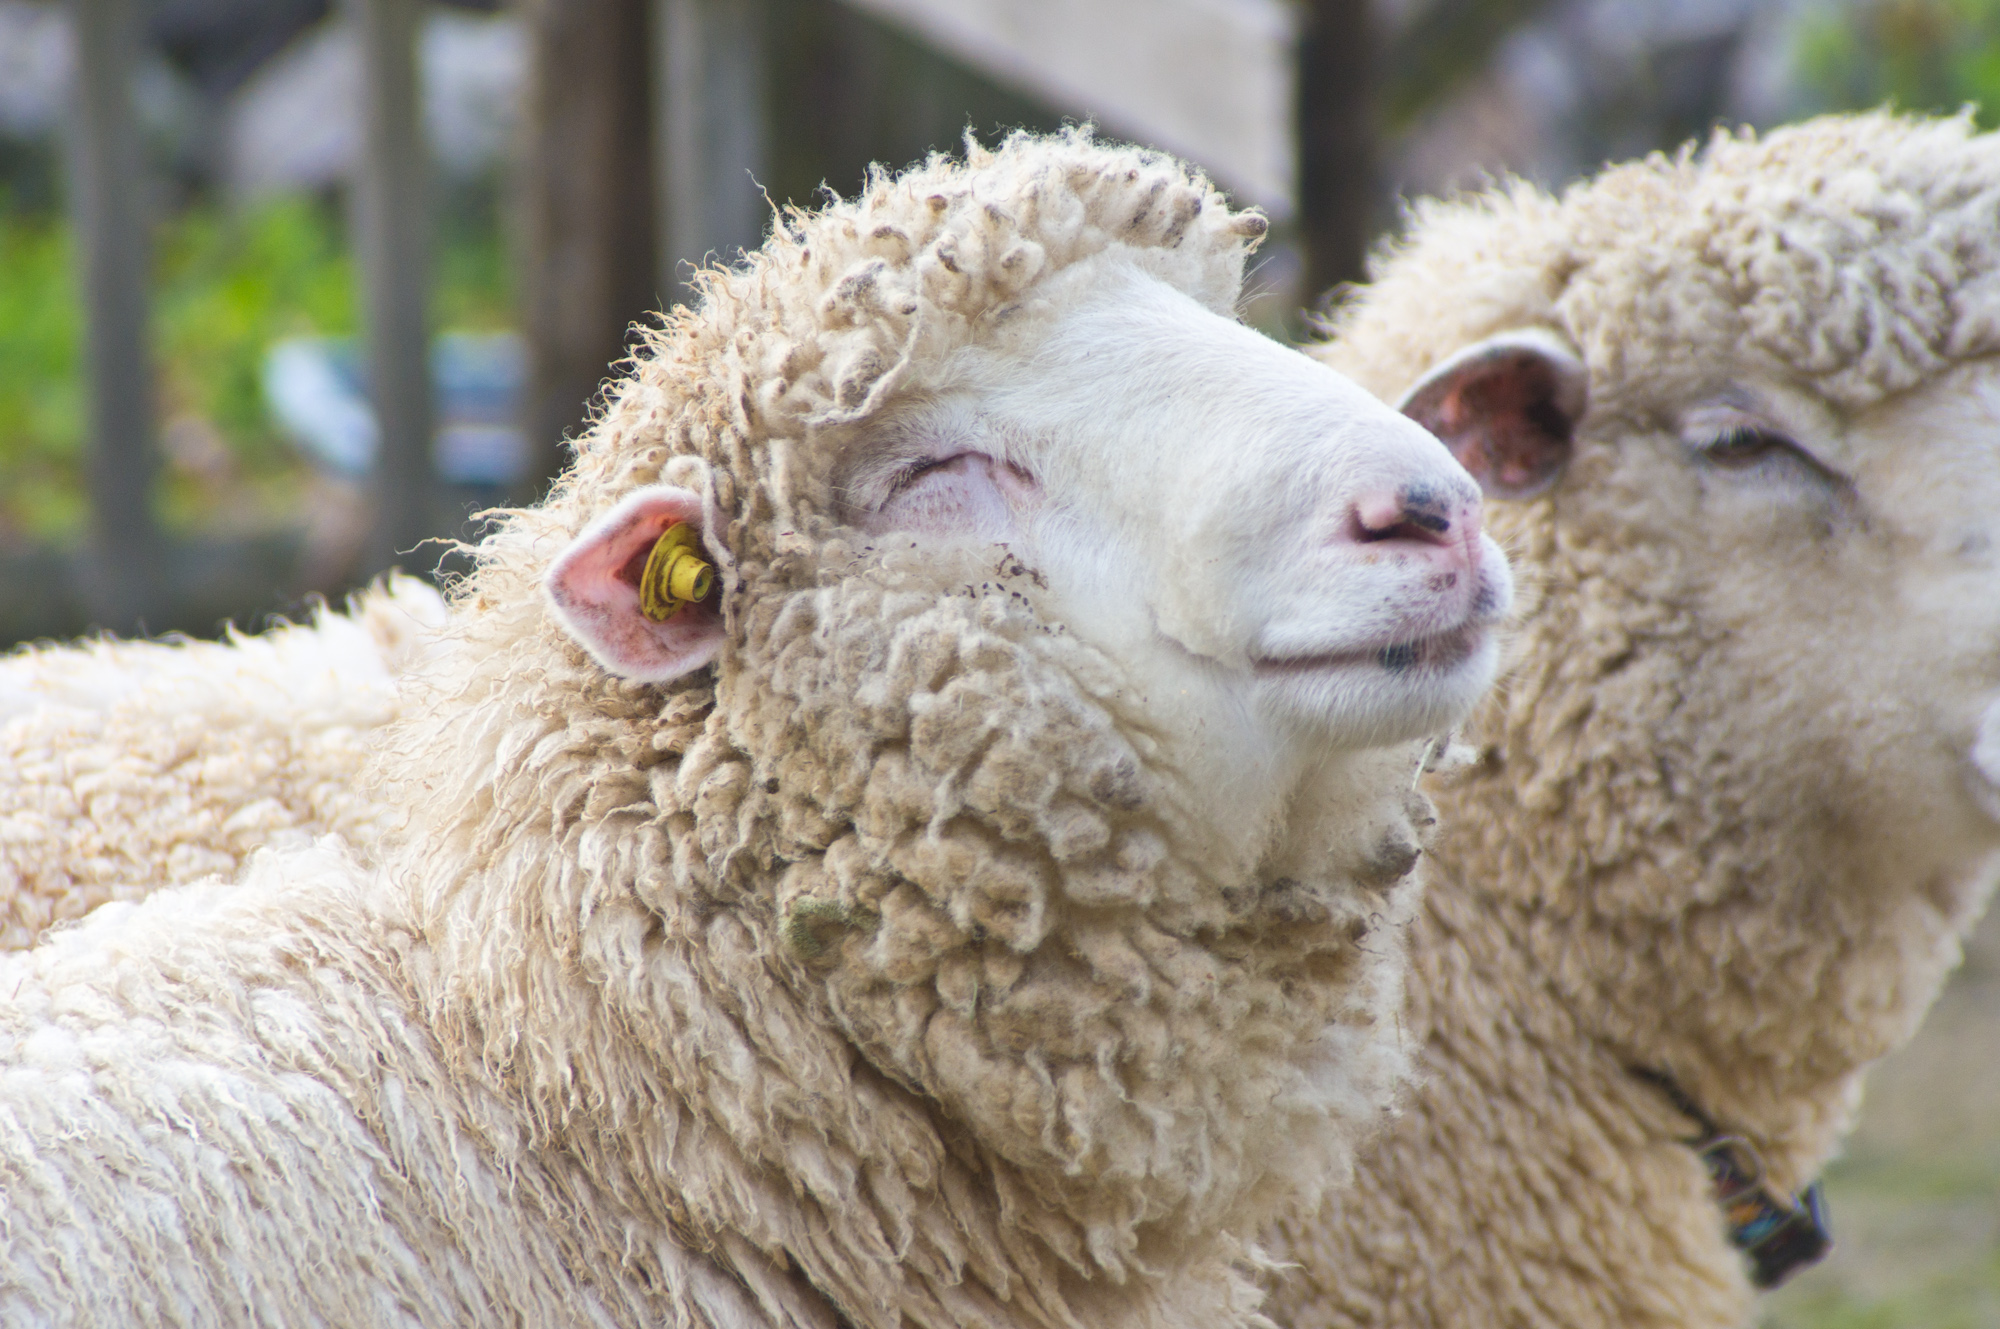 画像 : いろいろな羊画像まとめ ... : 羊 かわいい 写真 : すべての講義